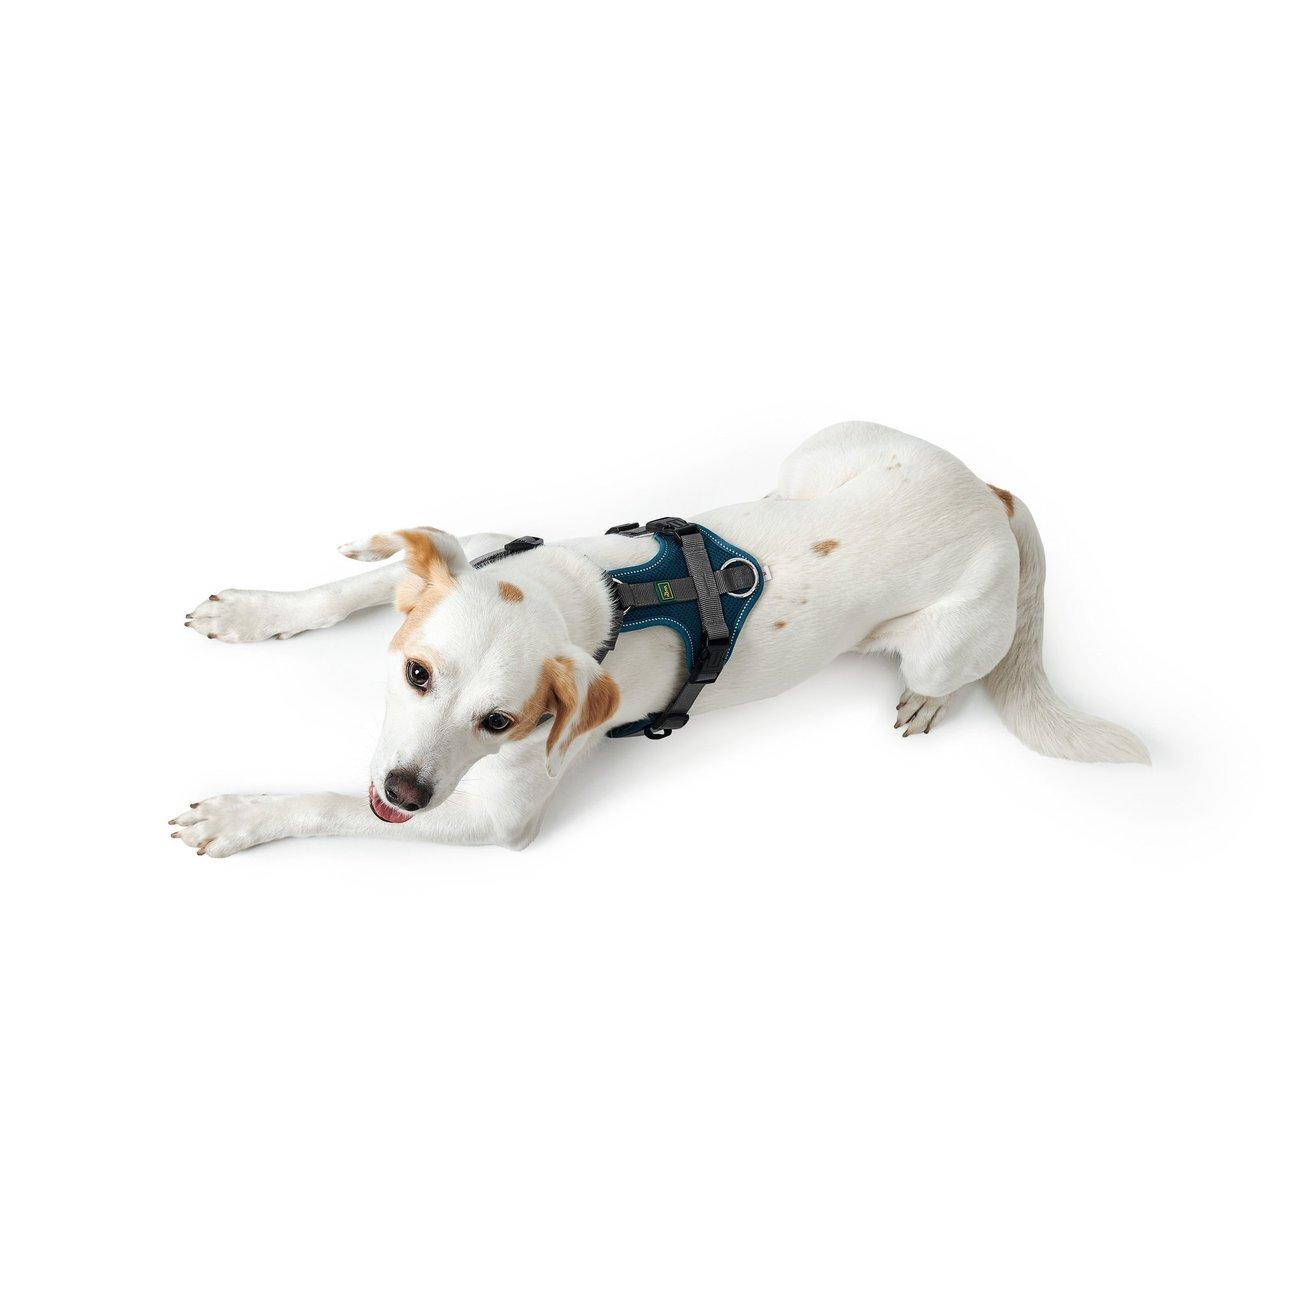 Hunter Hundegeschirr Maldon gepolstert 67509, Bild 16